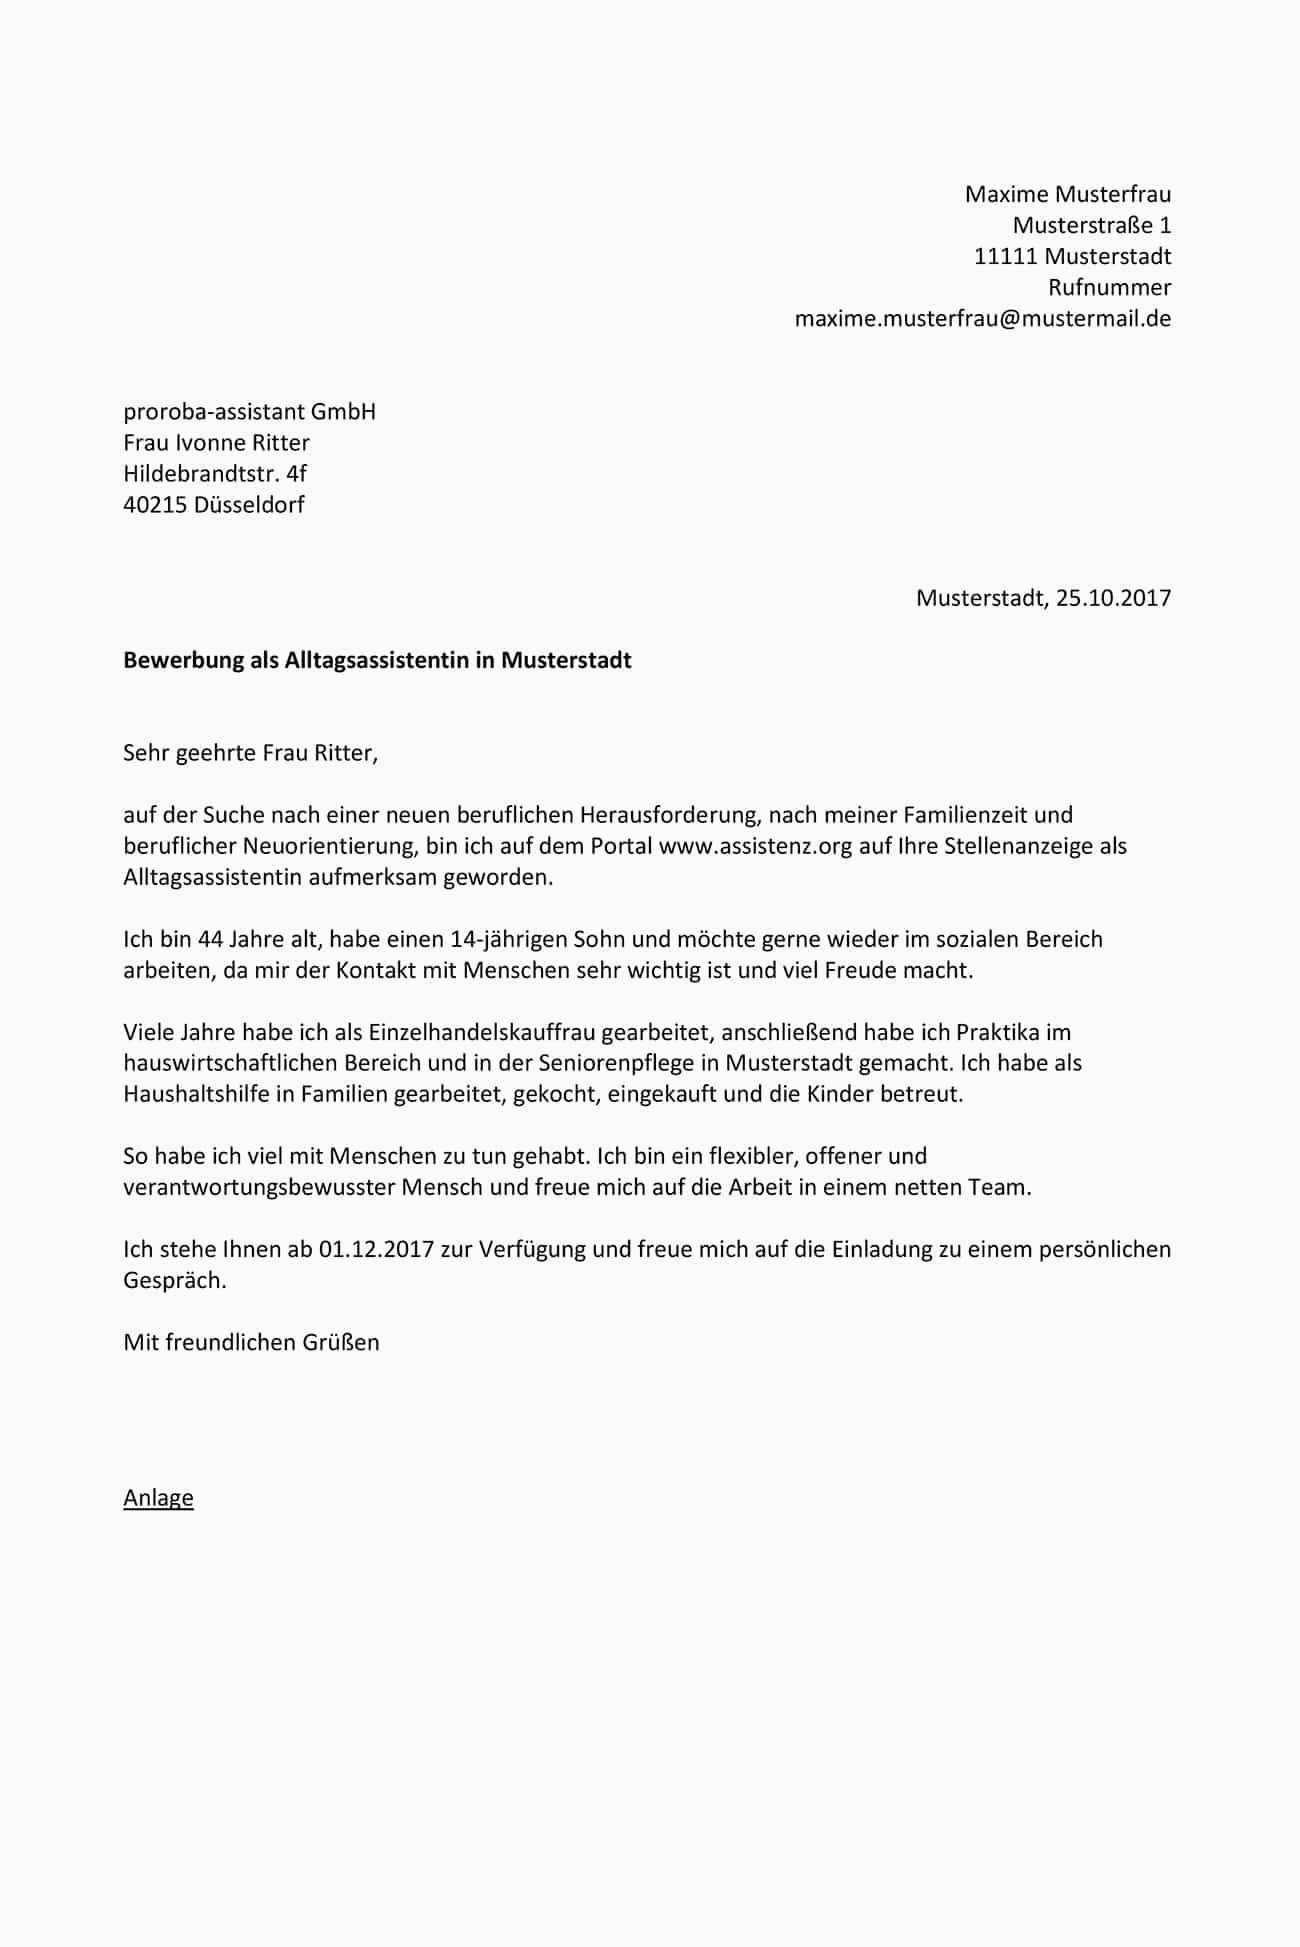 Einzigartig Bewerbung Nach Elternzeit Teilzeit Muster Briefprobe Briefformat Briefvorlage Bewerbung Schreiben Bewerbung Bewerbungsschreiben